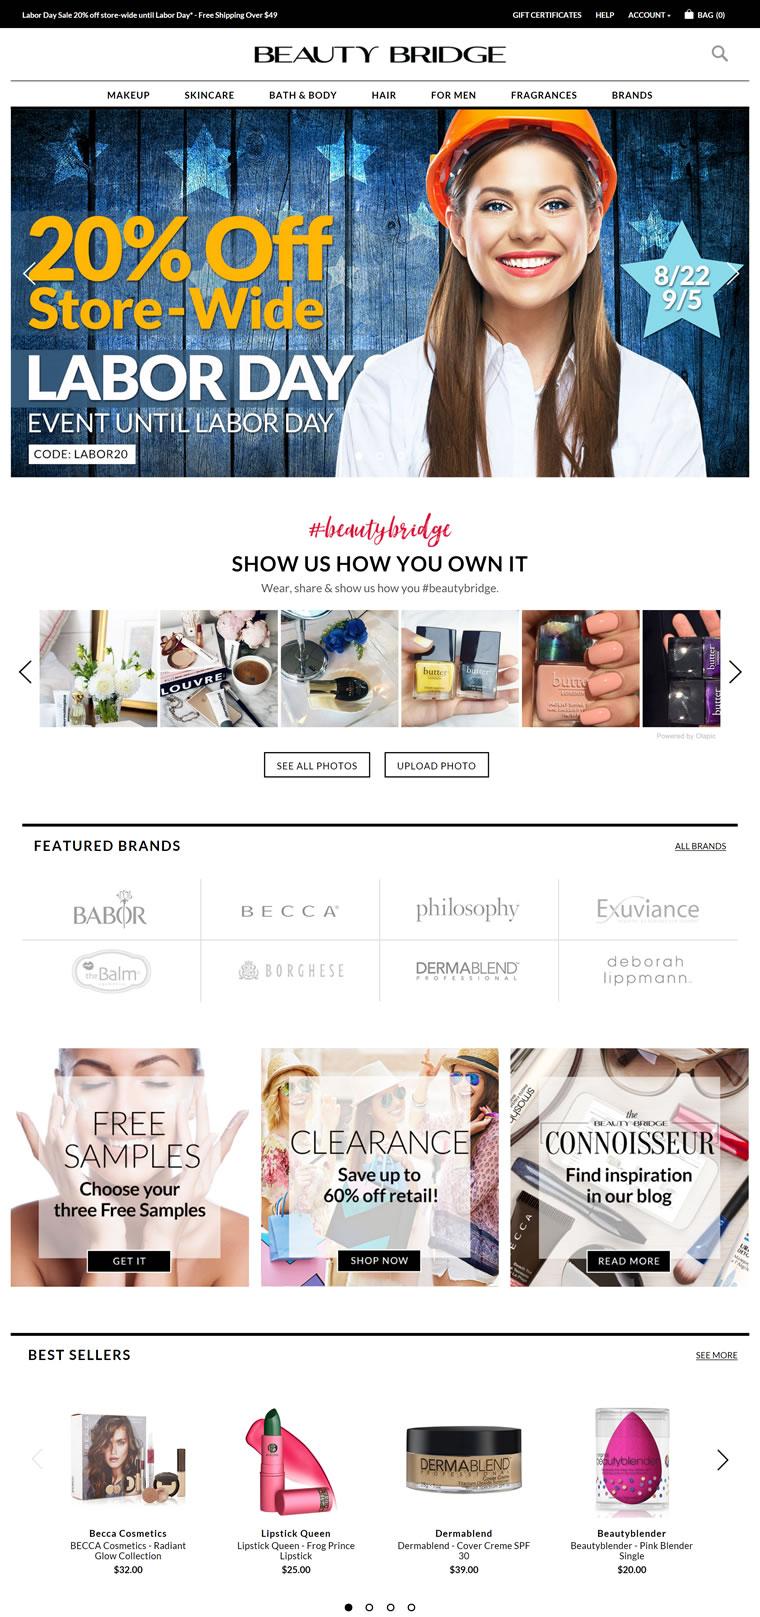 美国彩妆护肤品店:Beauty Bridge